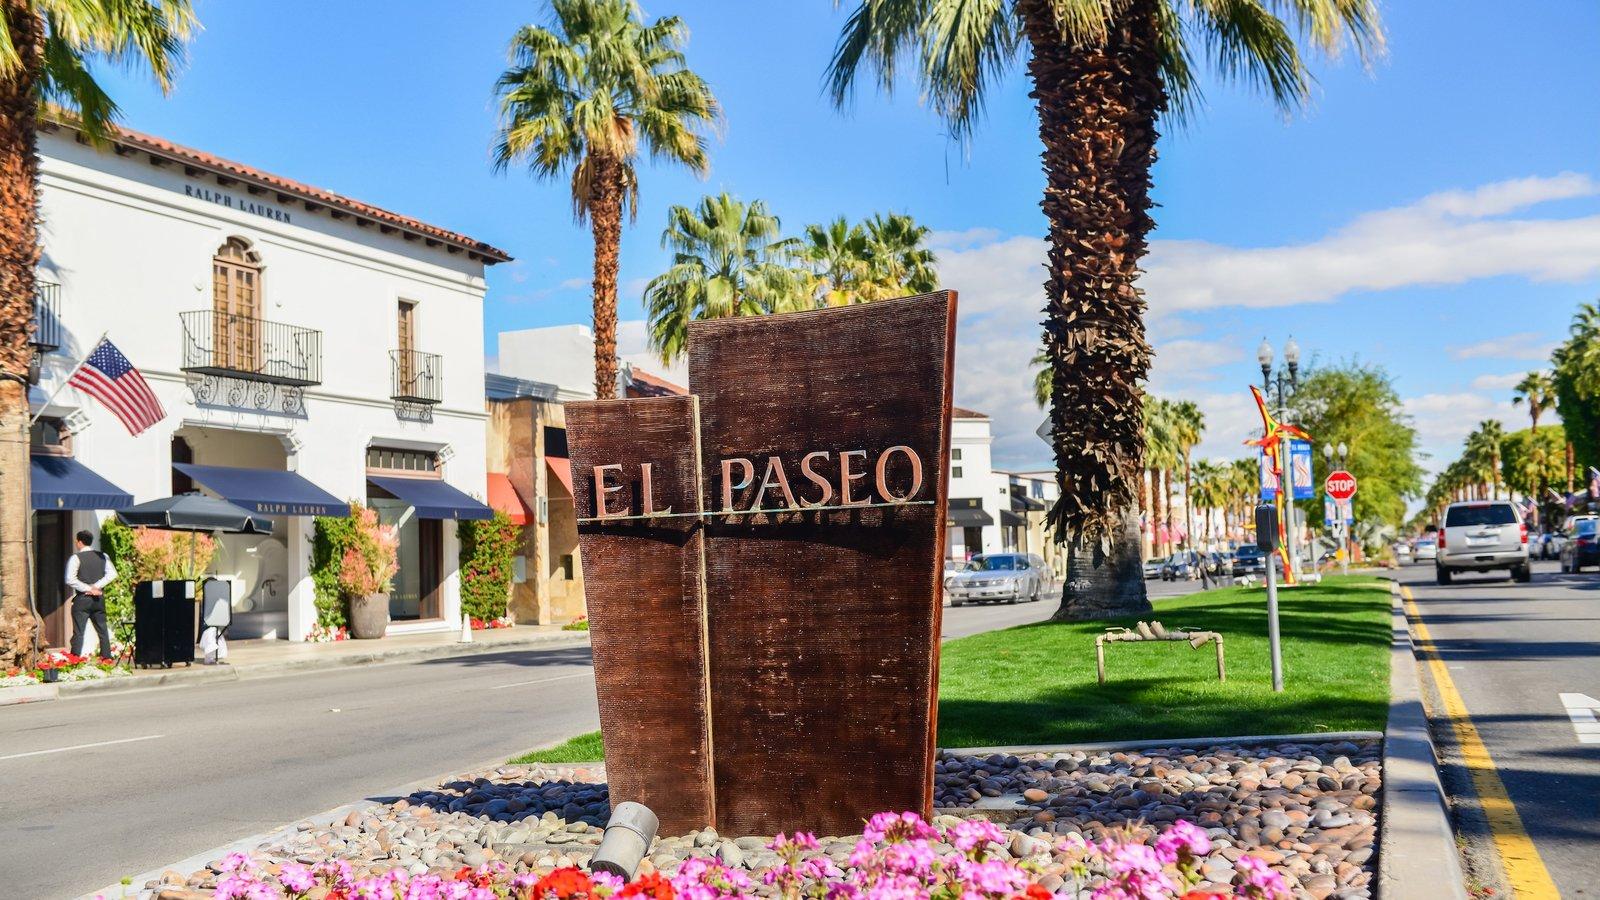 Palm Springs que inclui flores e sinalização